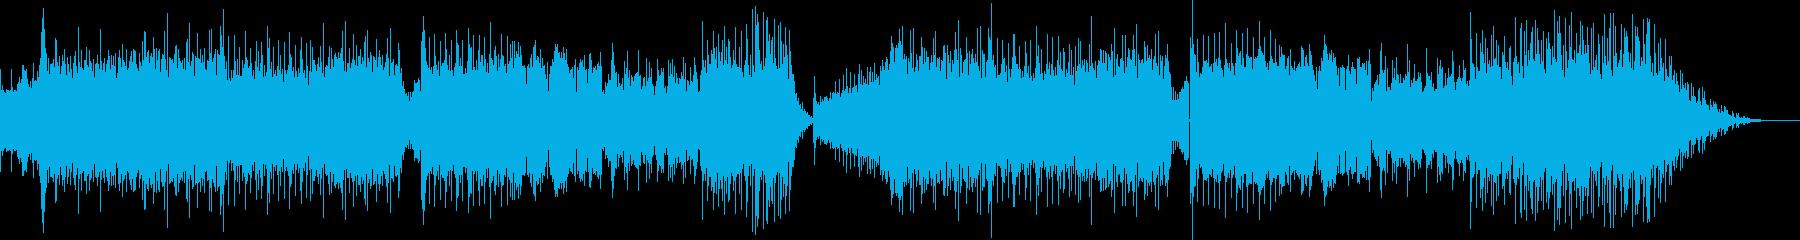 ロックとテクノをMIXした疾走感ある曲の再生済みの波形